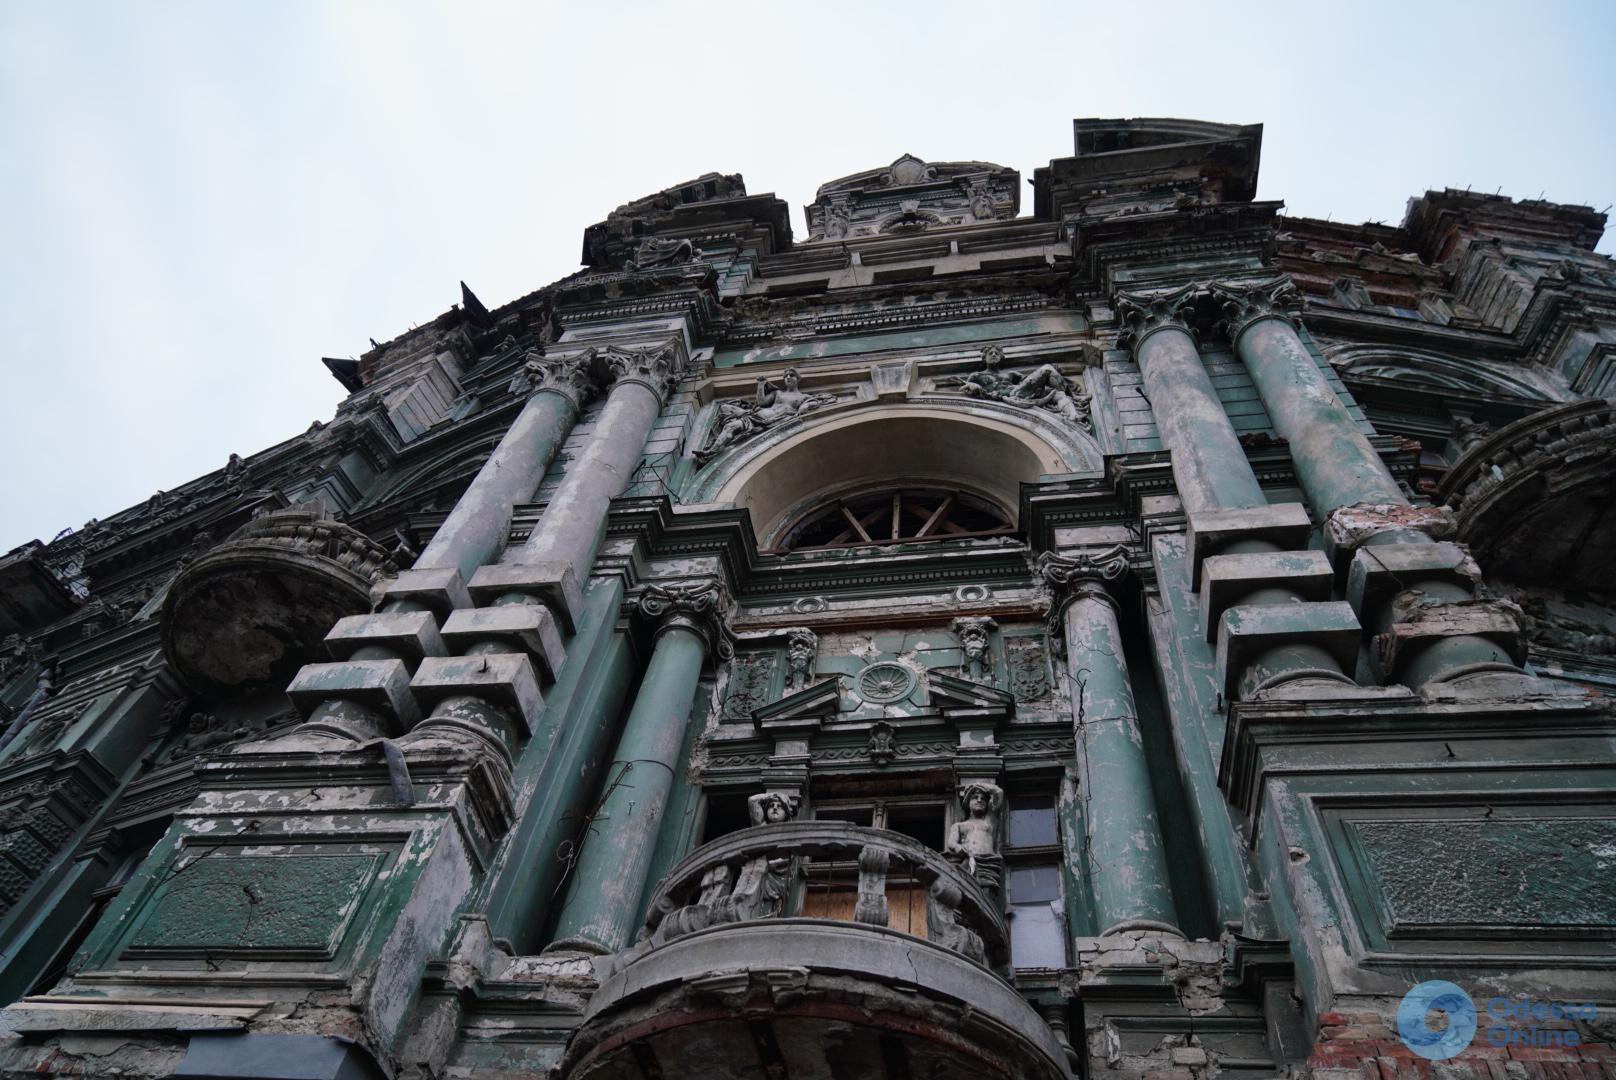 Воронцовский дворец и дом Руссова: на ремонт исторических зданий выделят больше денег